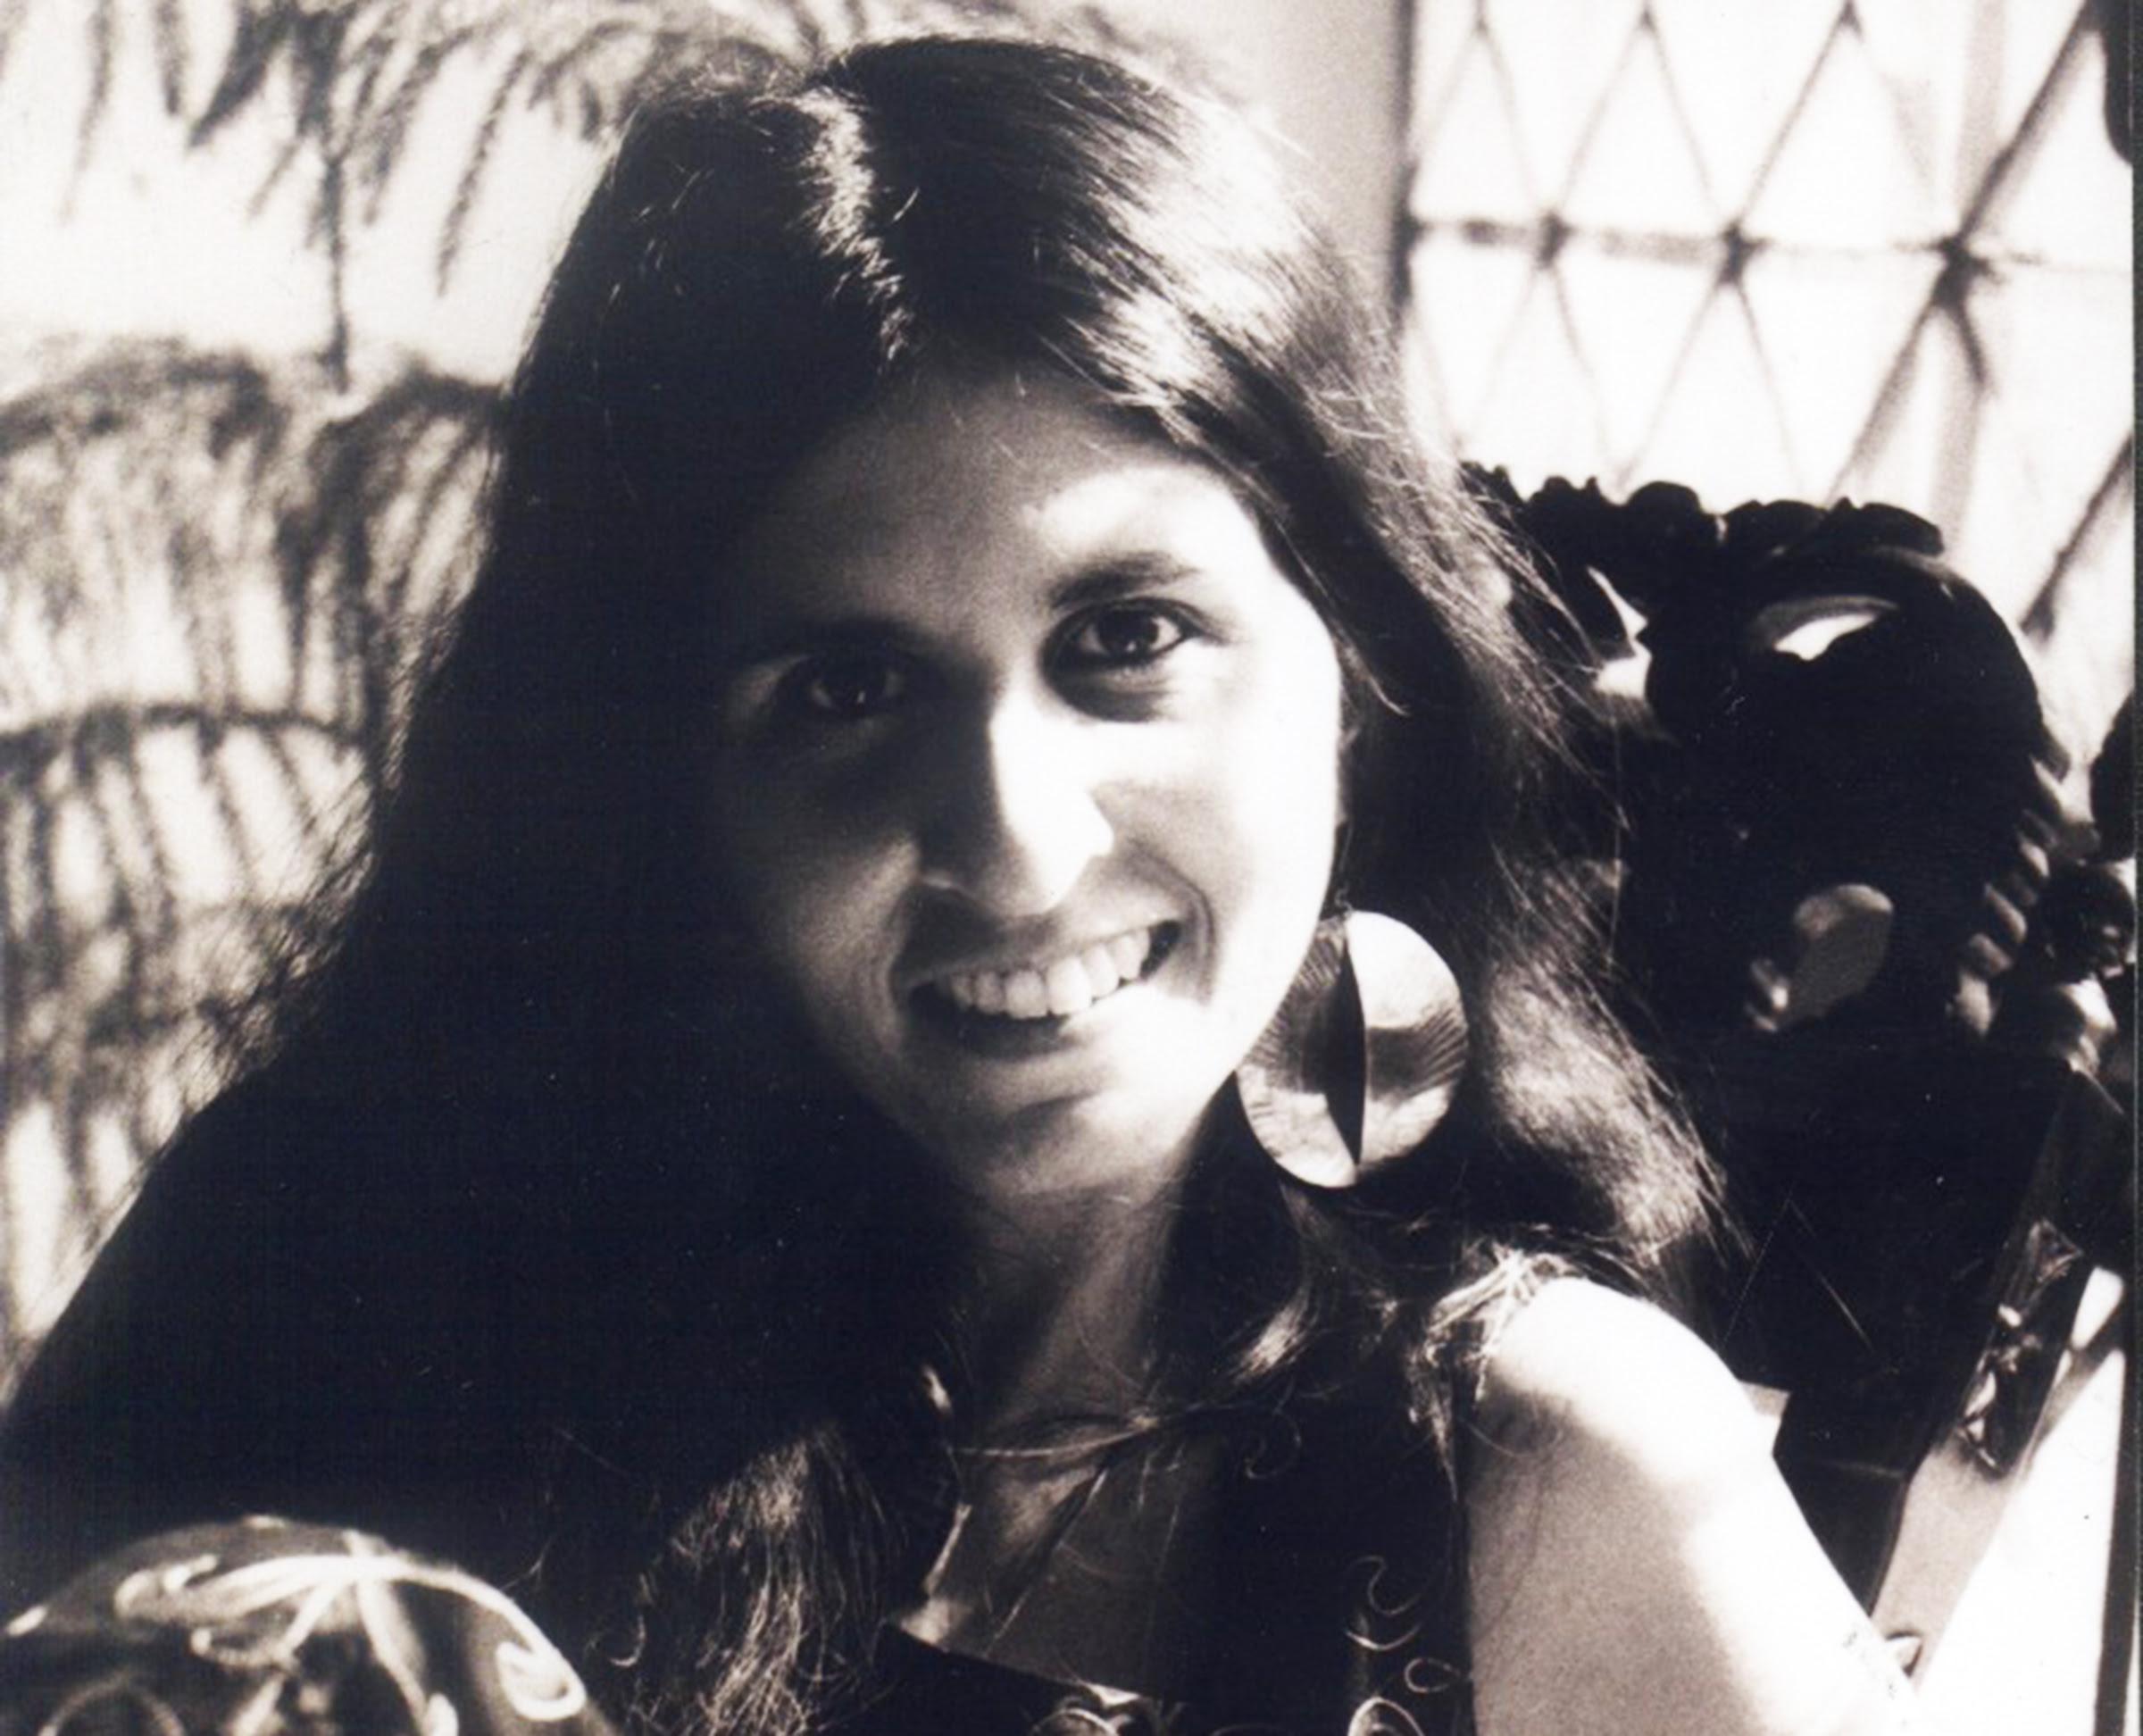 உஸ்மா அஸ்லம் கான்: உடல் என்ன நினைவூட்டுகிறது